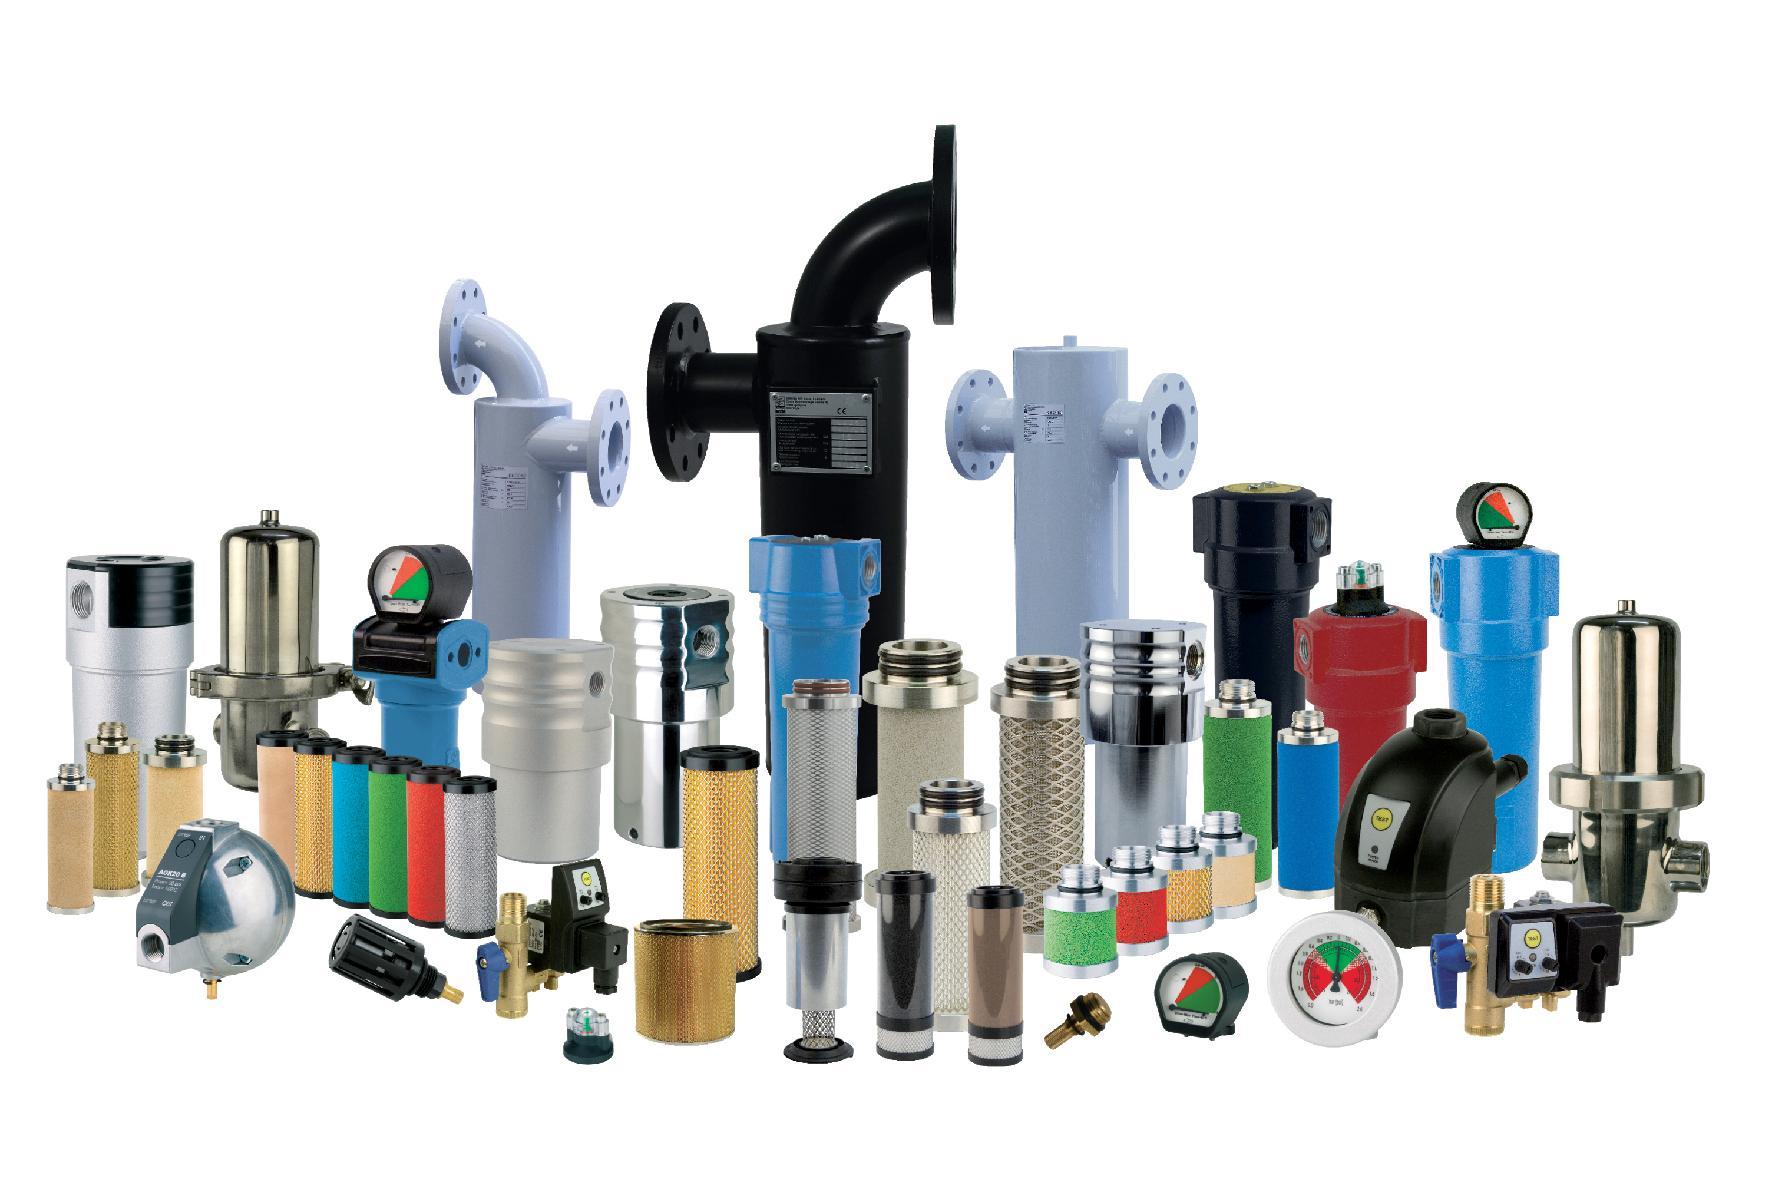 zamenski-filteri-za-kompresore-tehnogama